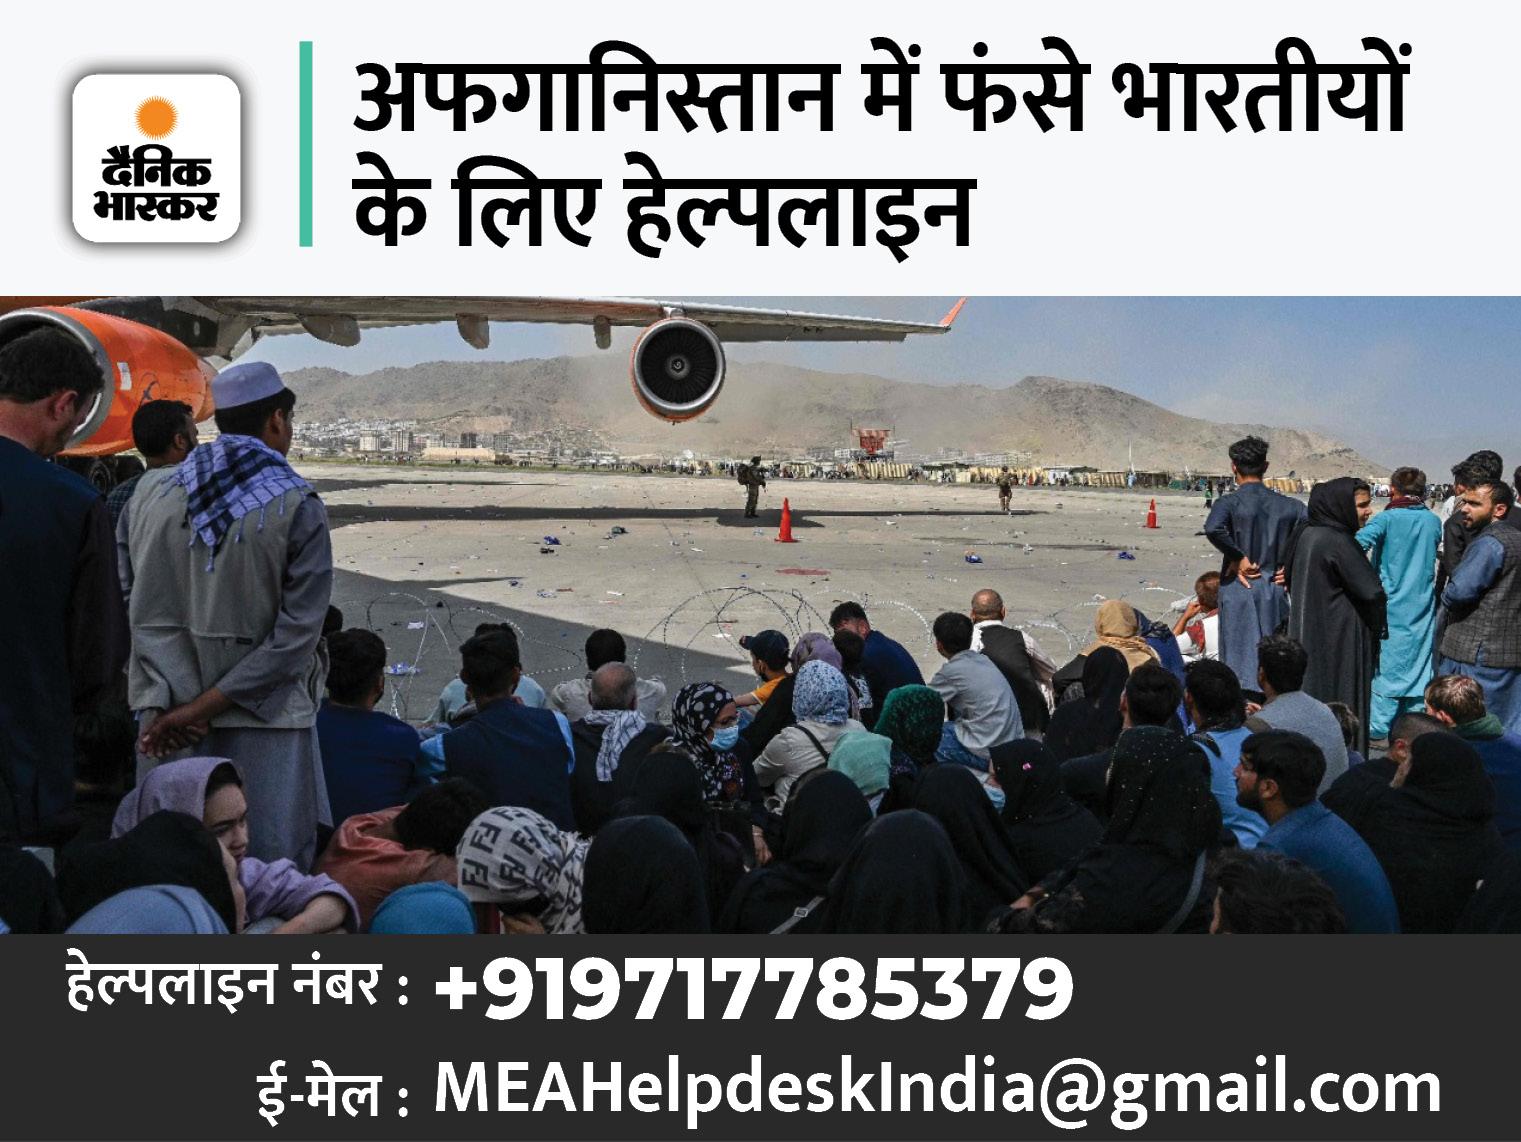 ई-इमरजेंसी X-Misc वीजा का ऐलान, अफगानिस्तान में फंसे भारतीयों के लिए हेल्पलाइन नंबर और ई-मेल आईडी जारी की बिजनेस,Business - Dainik Bhaskar